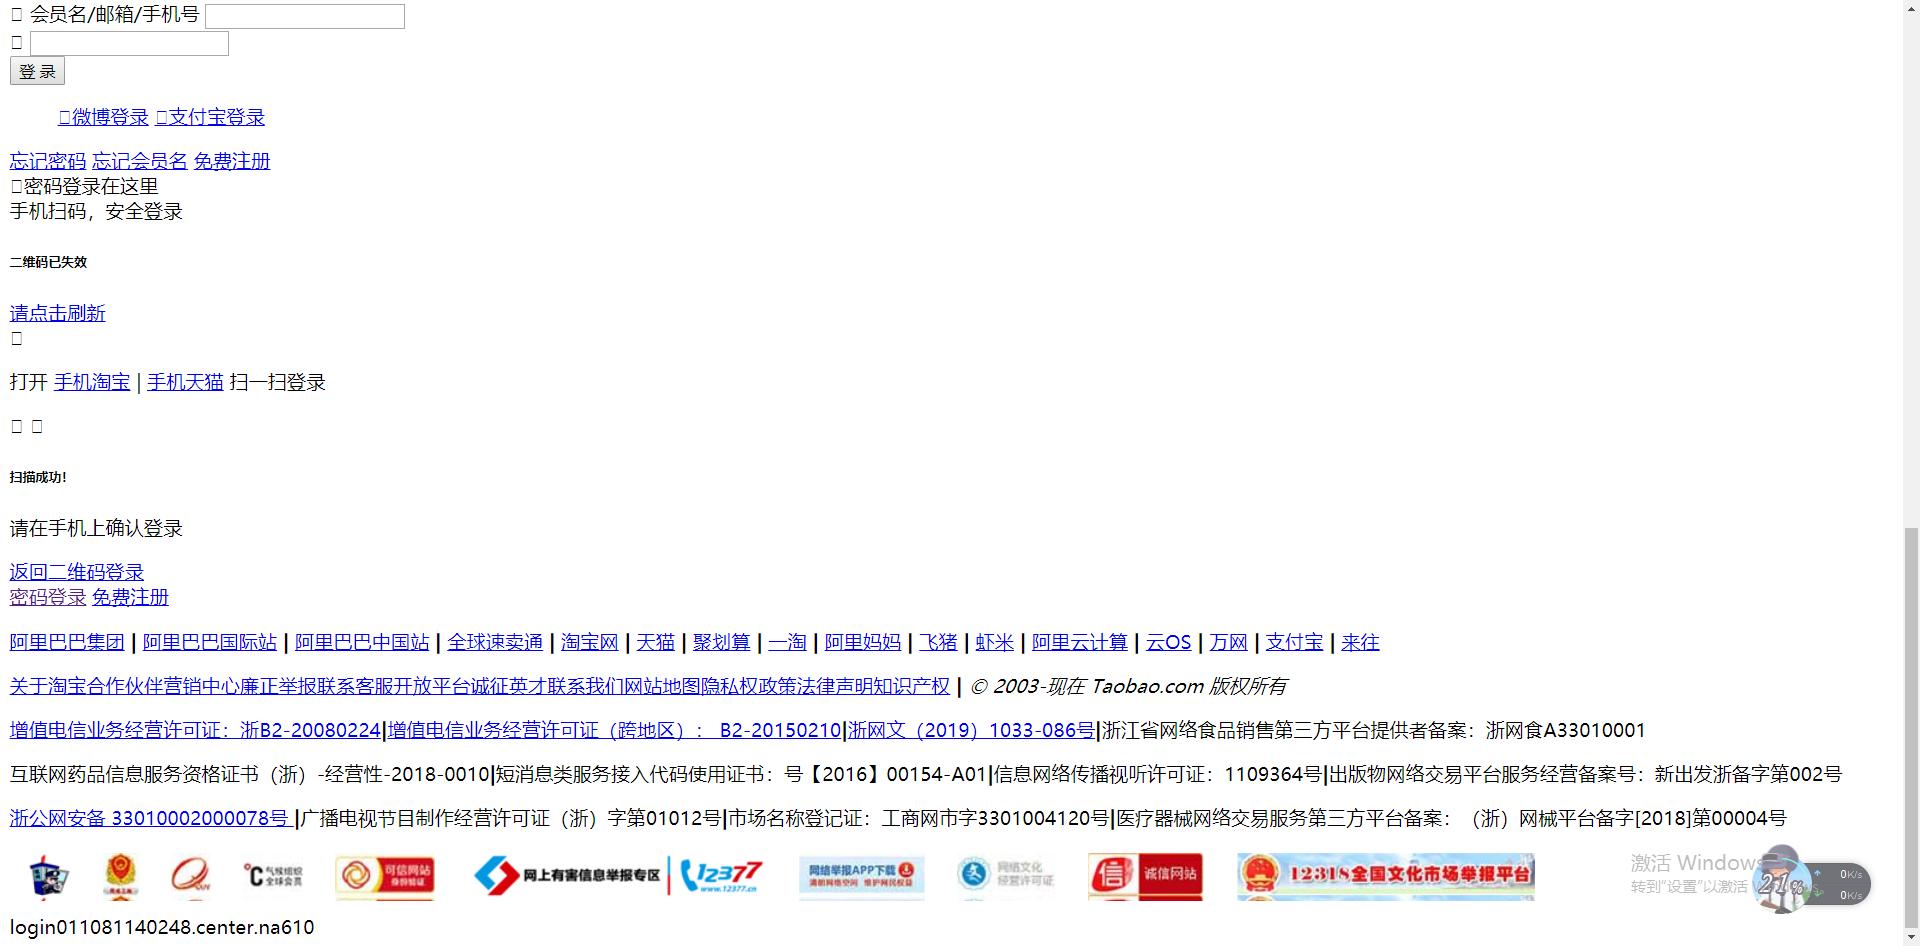 猎豹浏览器截图20200127000025.png